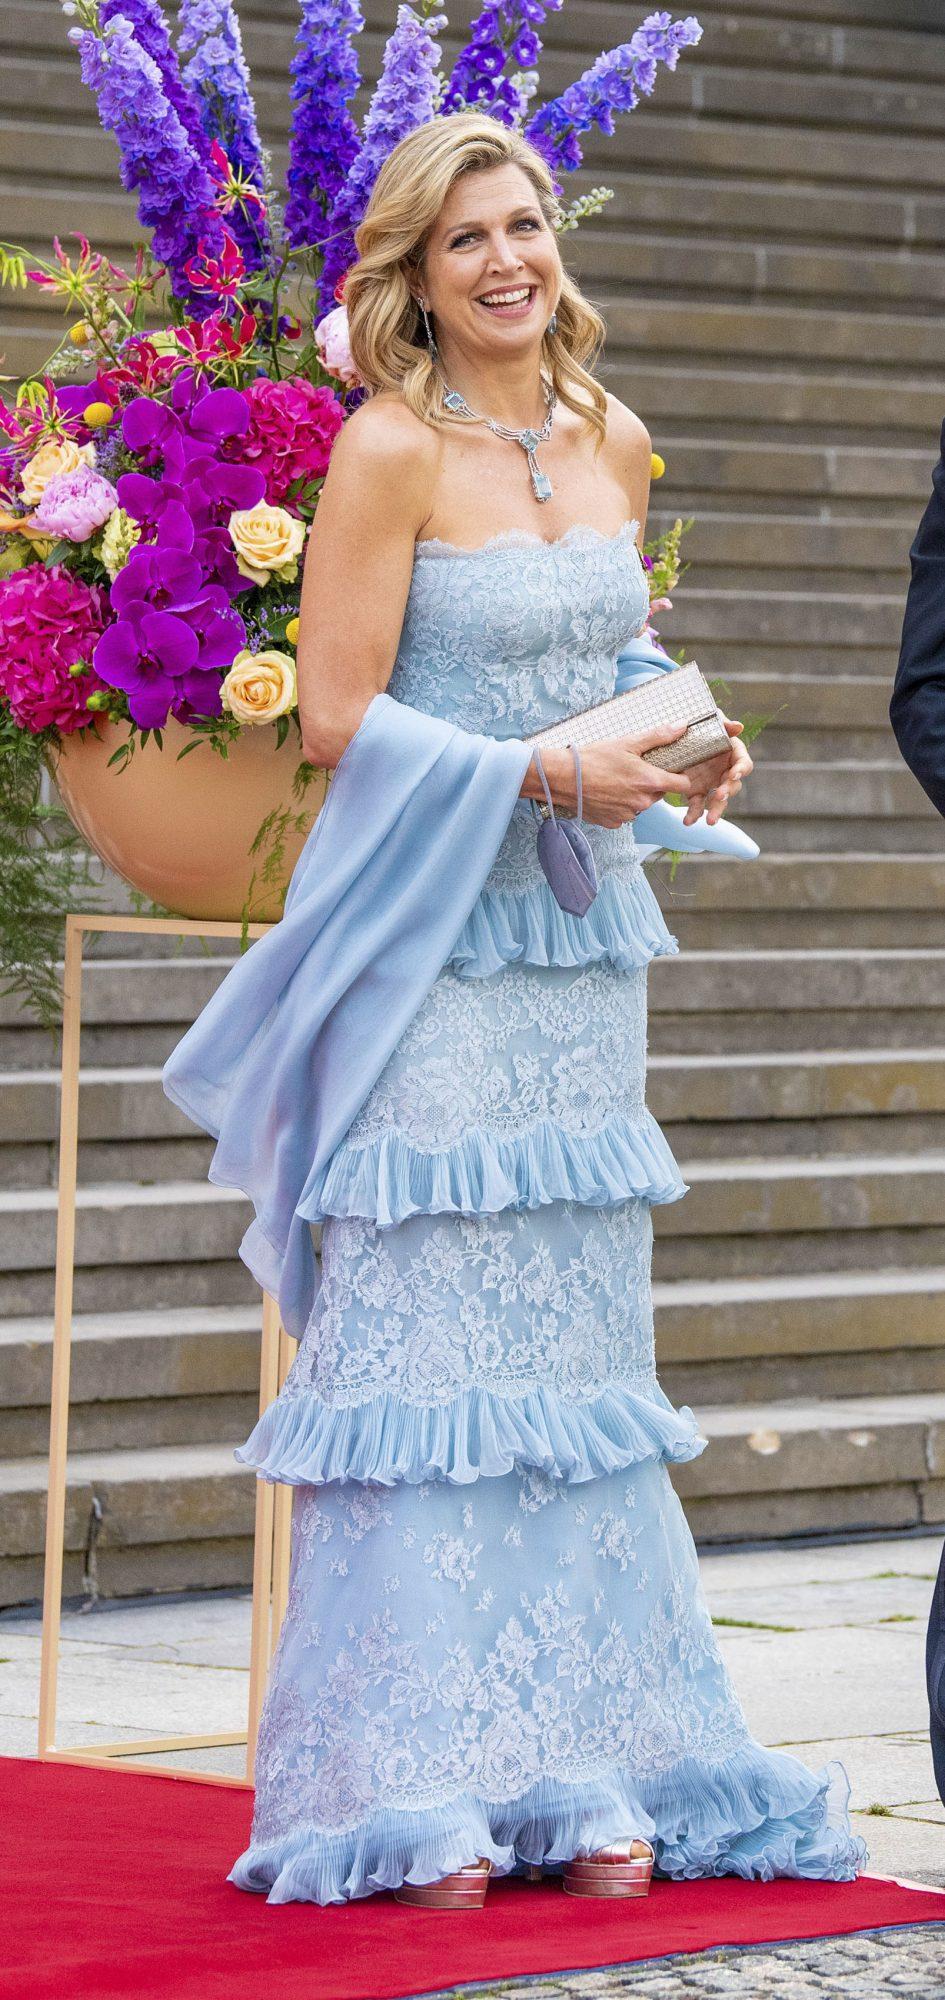 Reina Maxima de holanda, vestido azul de encaje, Alemania